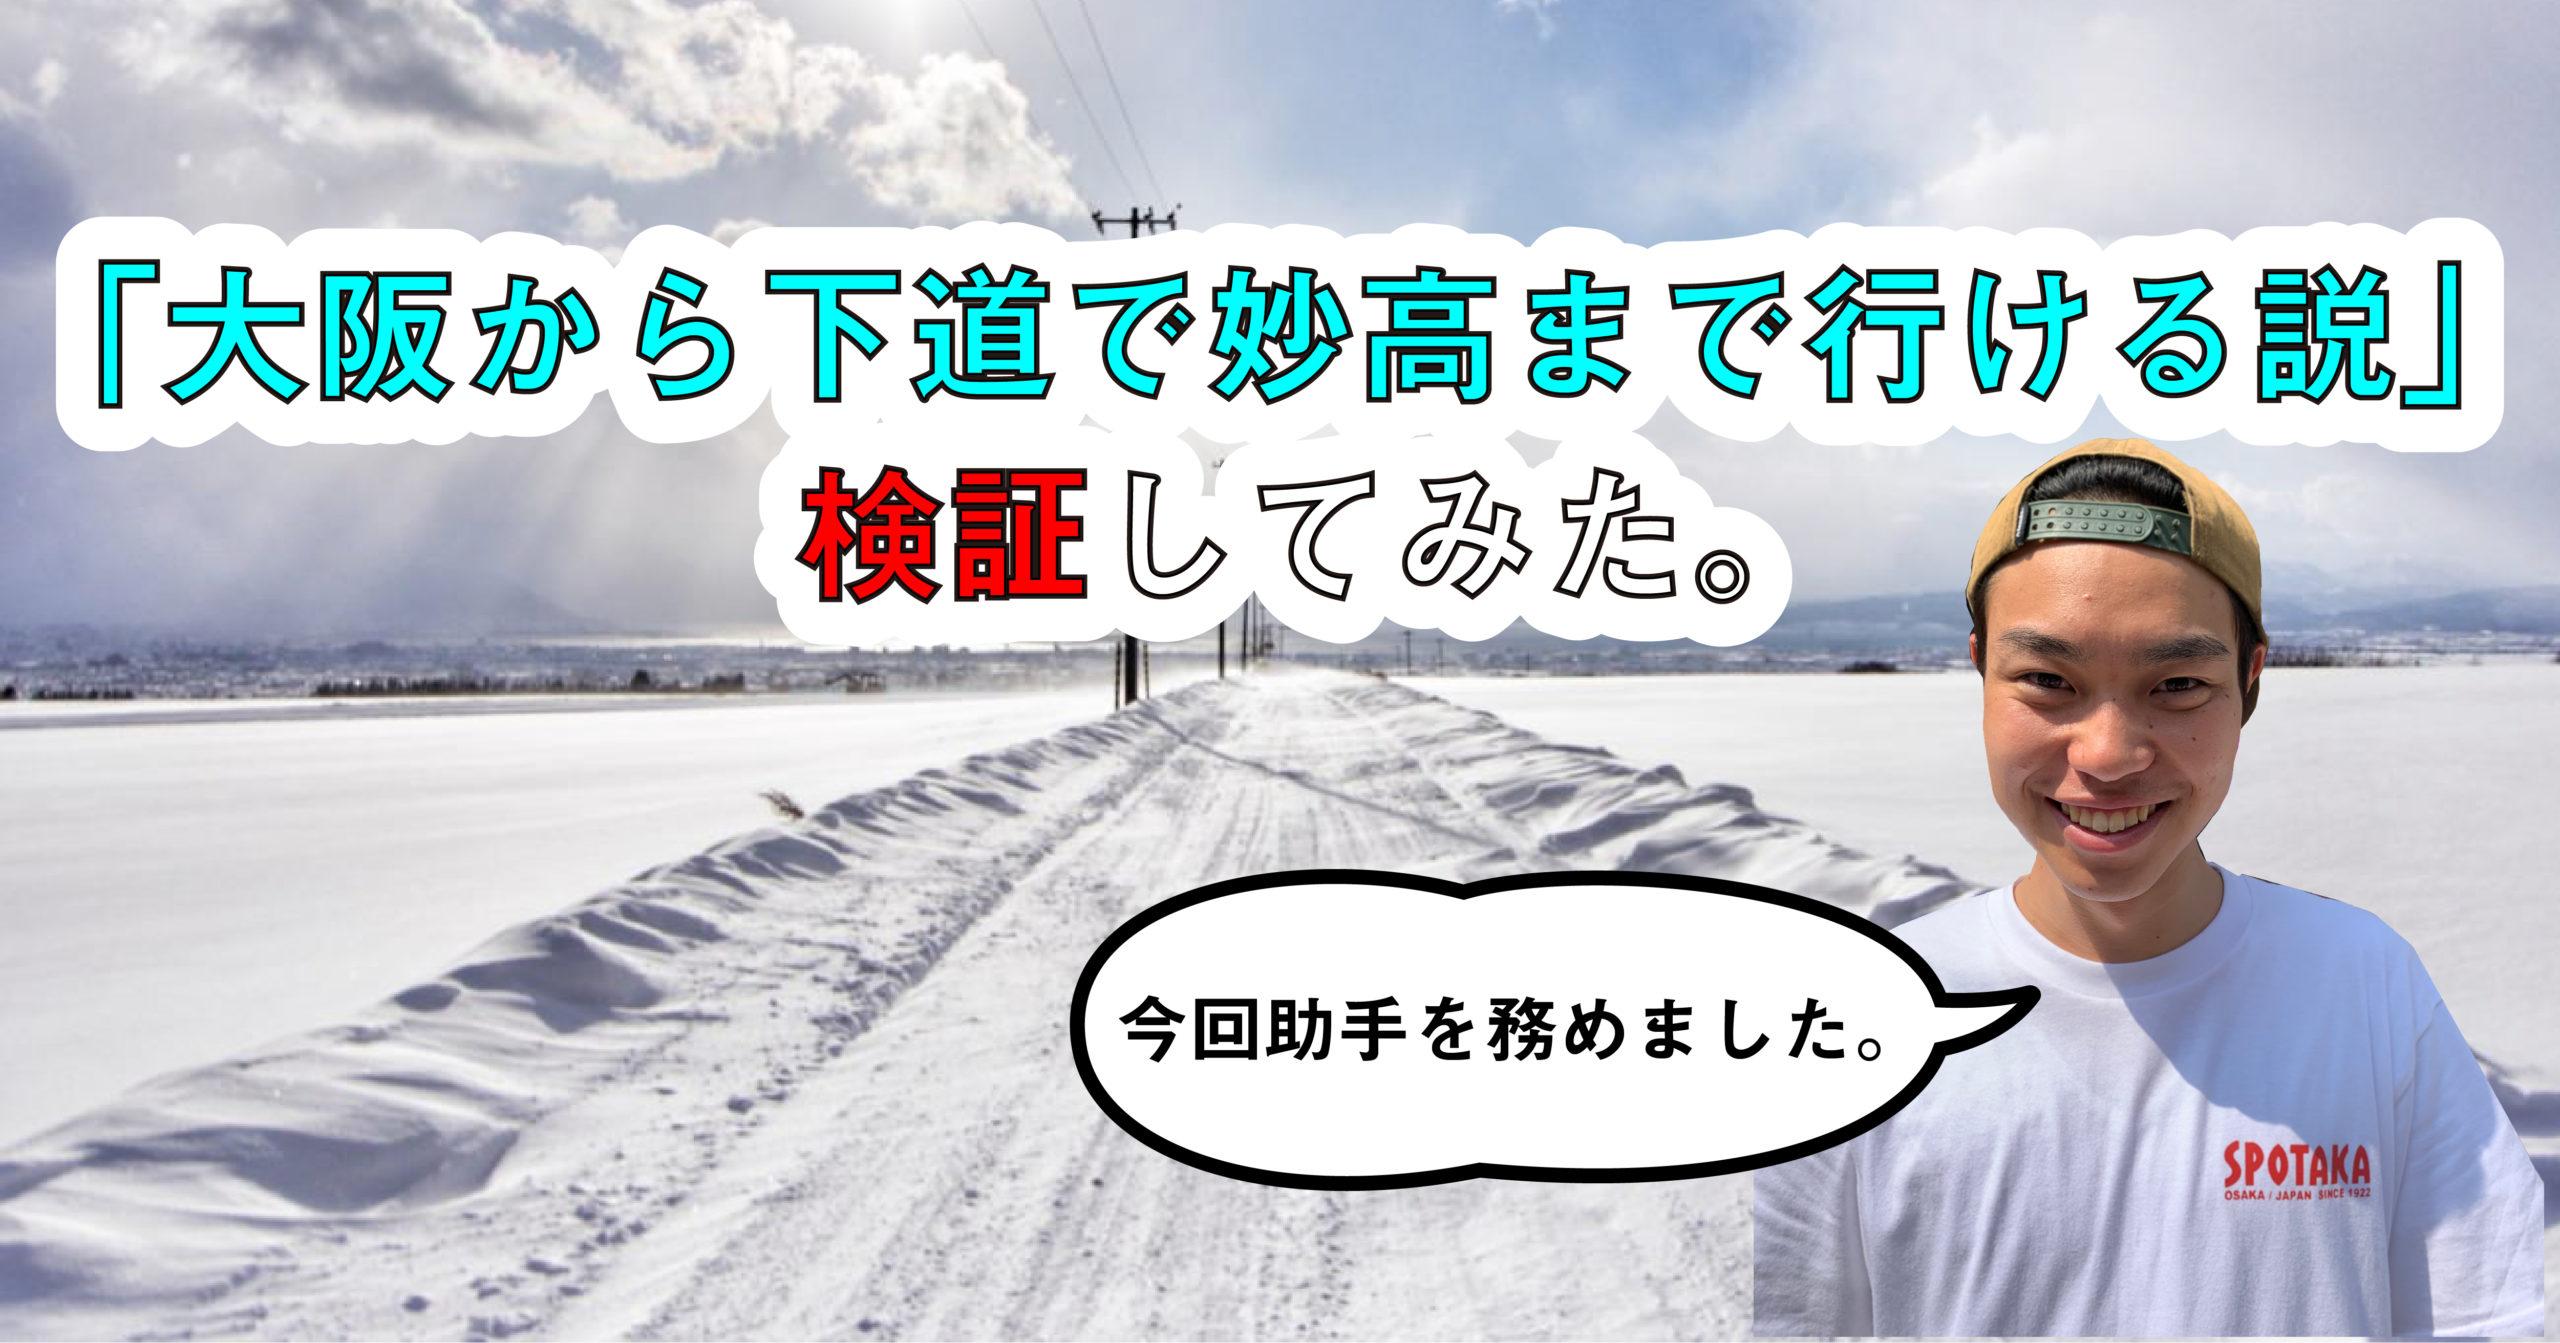 「大阪から下道で妙高まで行ける説」検証してみた。